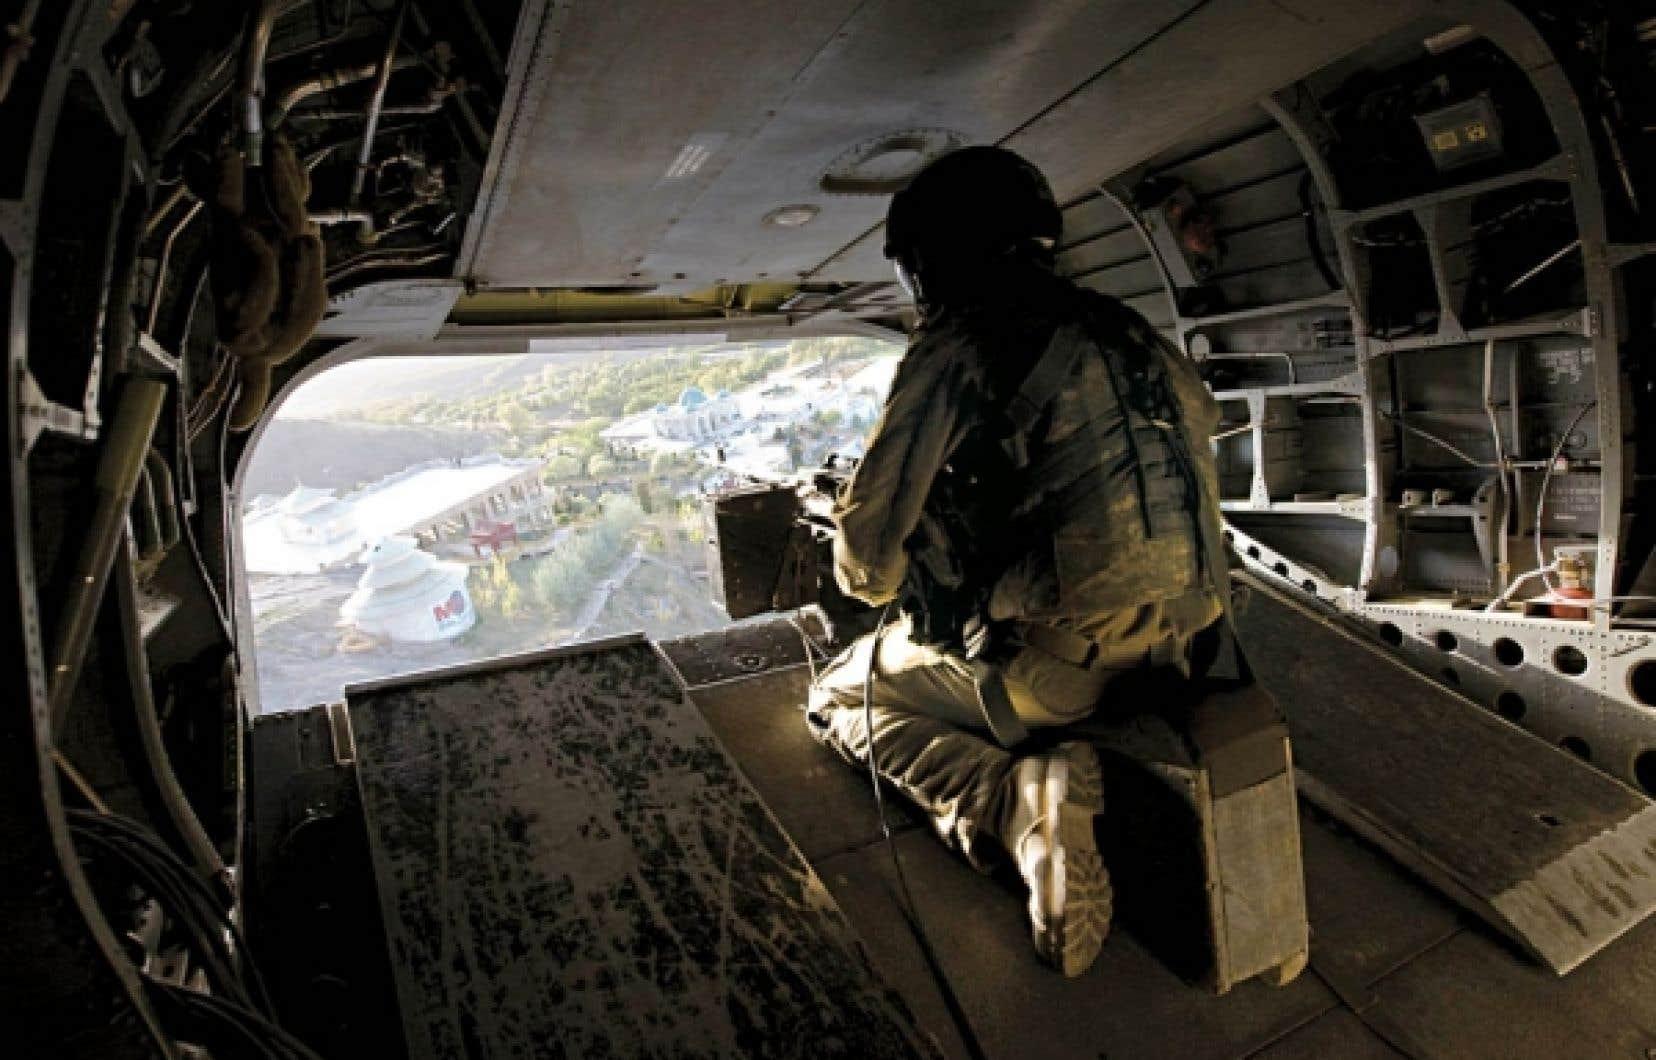 Le gouvernement Harper répète depuis des semaines qu'il n'a pas l'intention de laisser un seul soldat canadien en Afghanistan après 2011.